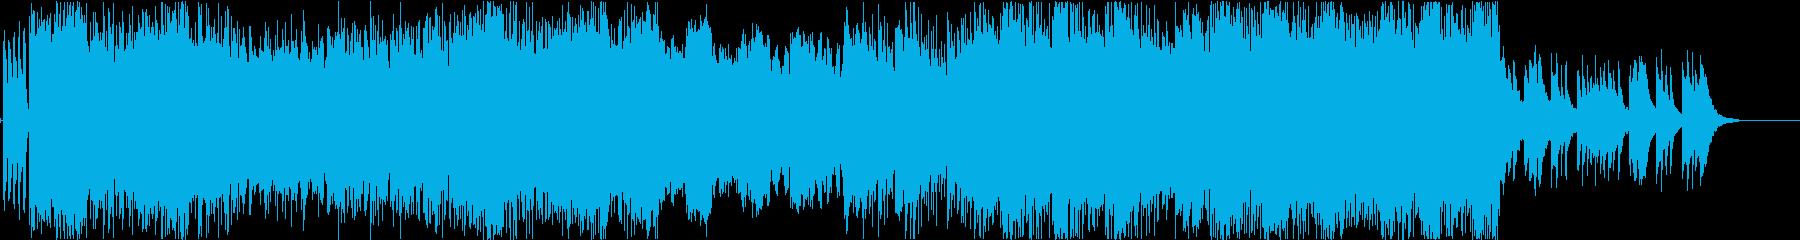 激しめのギターリフ、ピアノで終わるの再生済みの波形